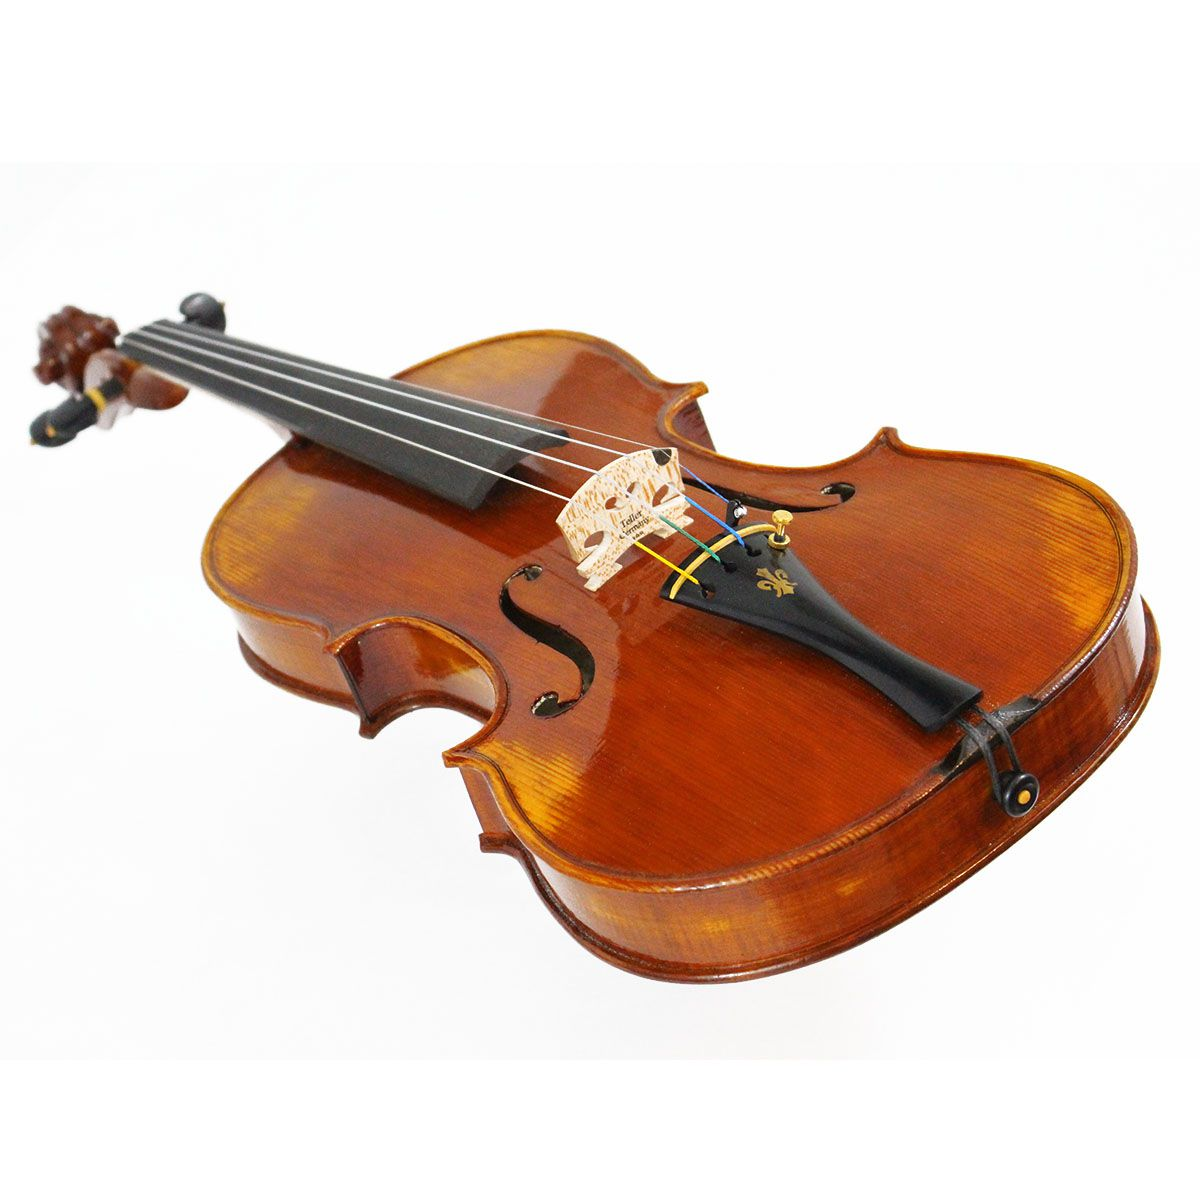 Violino feito à mão modelo strad 4/4 verniz goma laca castanho escuro envelhecido